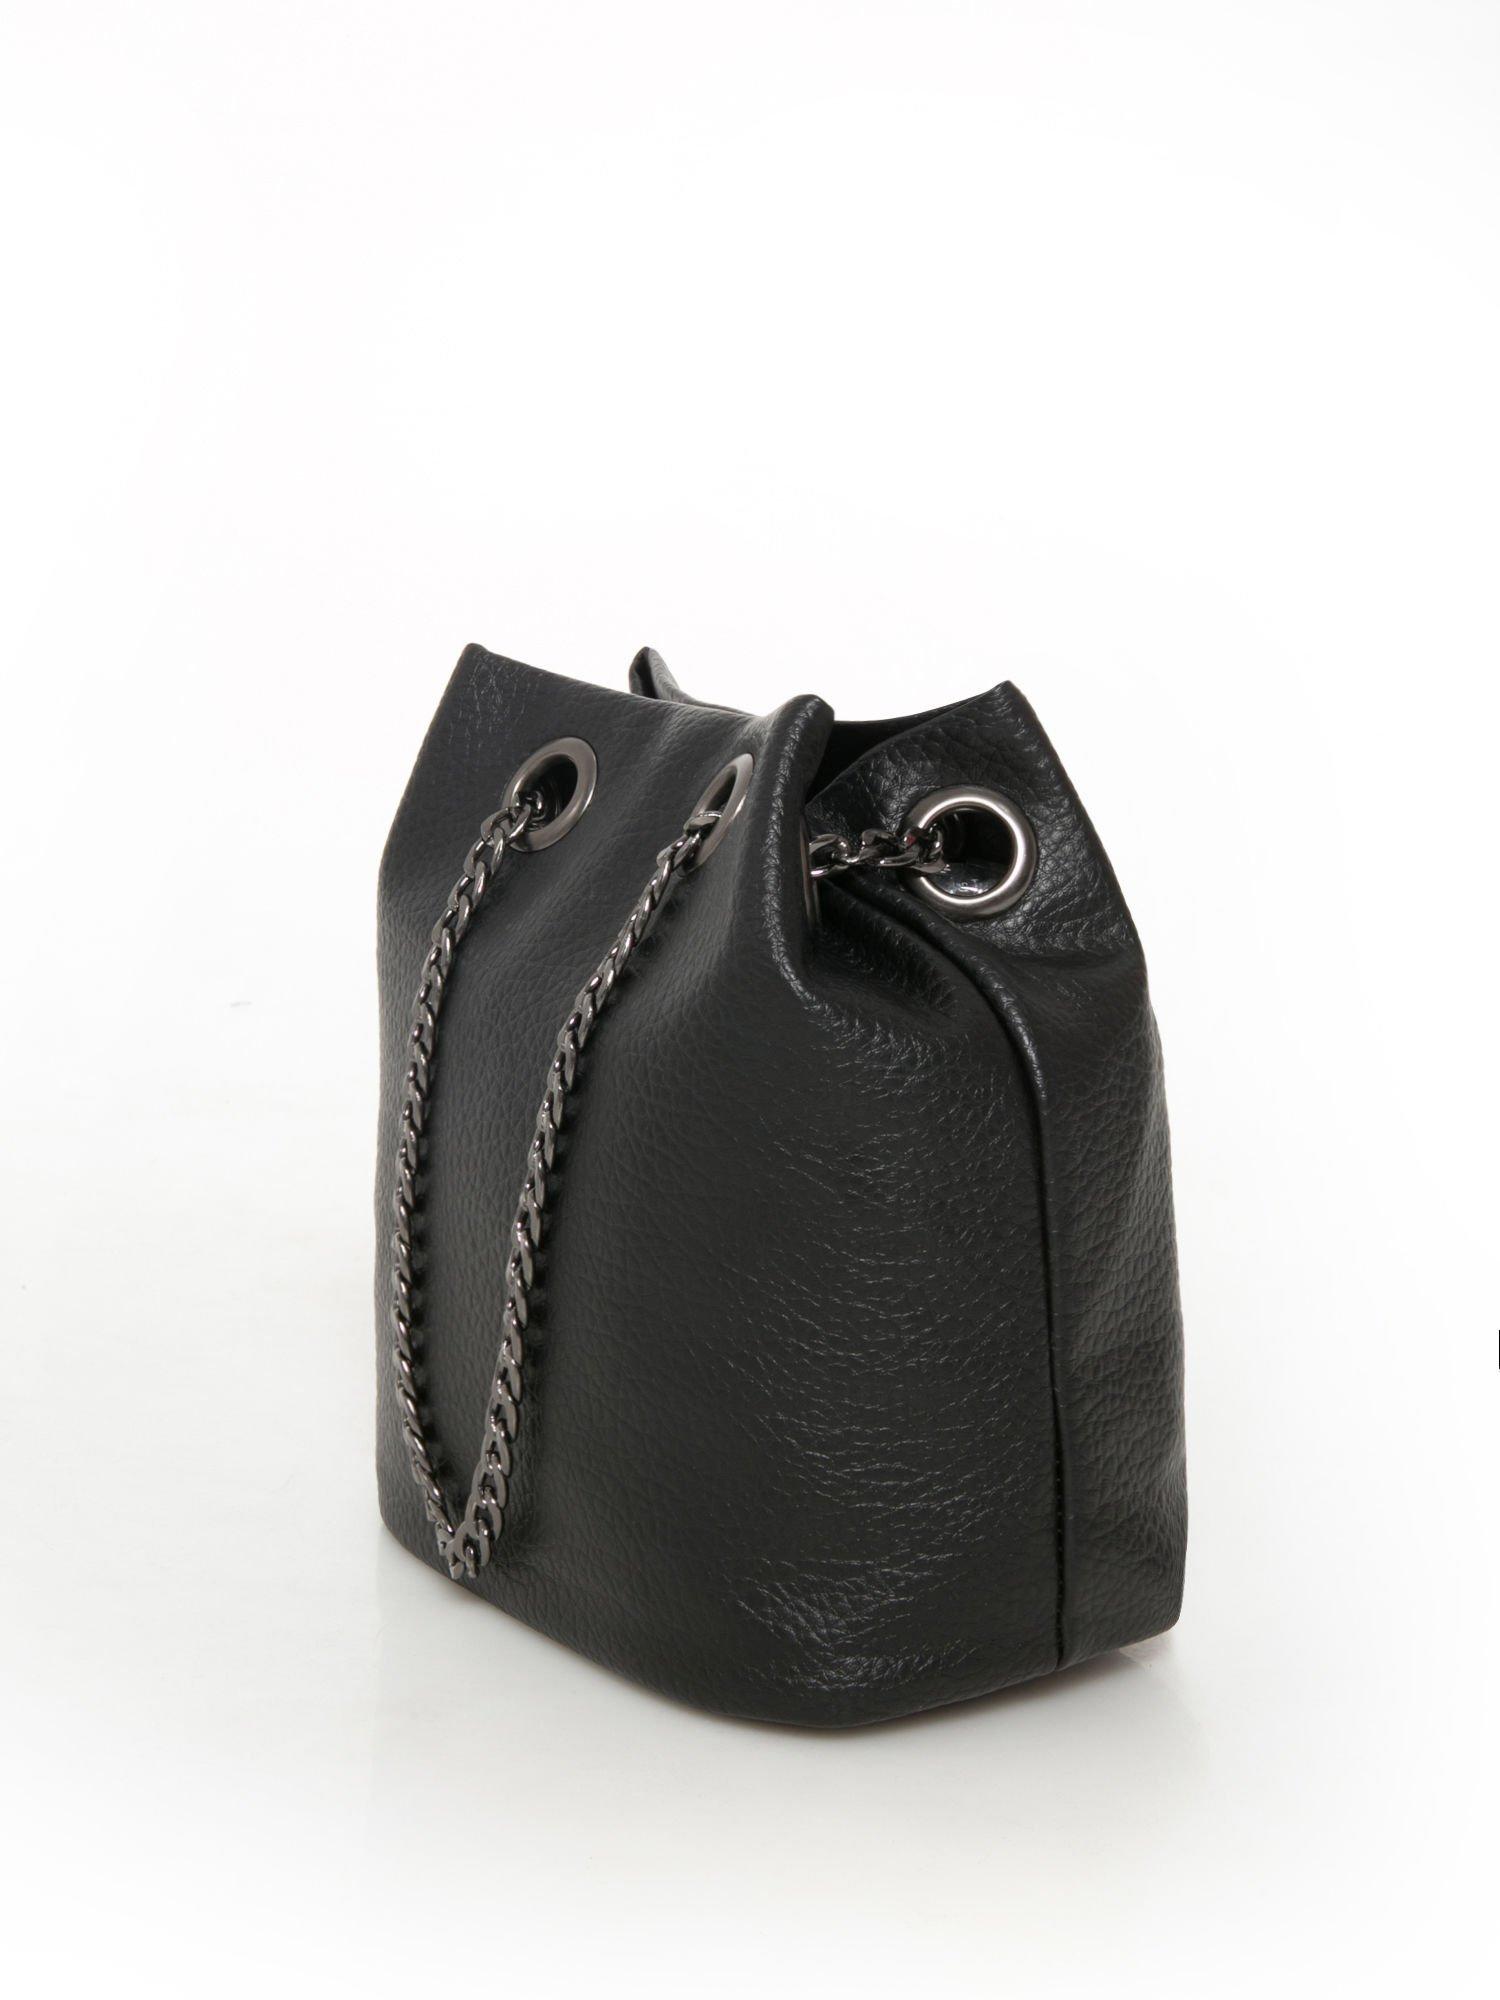 295f1ddcb27f4 Czarna torebka typu worek na łańcuszku - Akcesoria torba - sklep eButik.pl